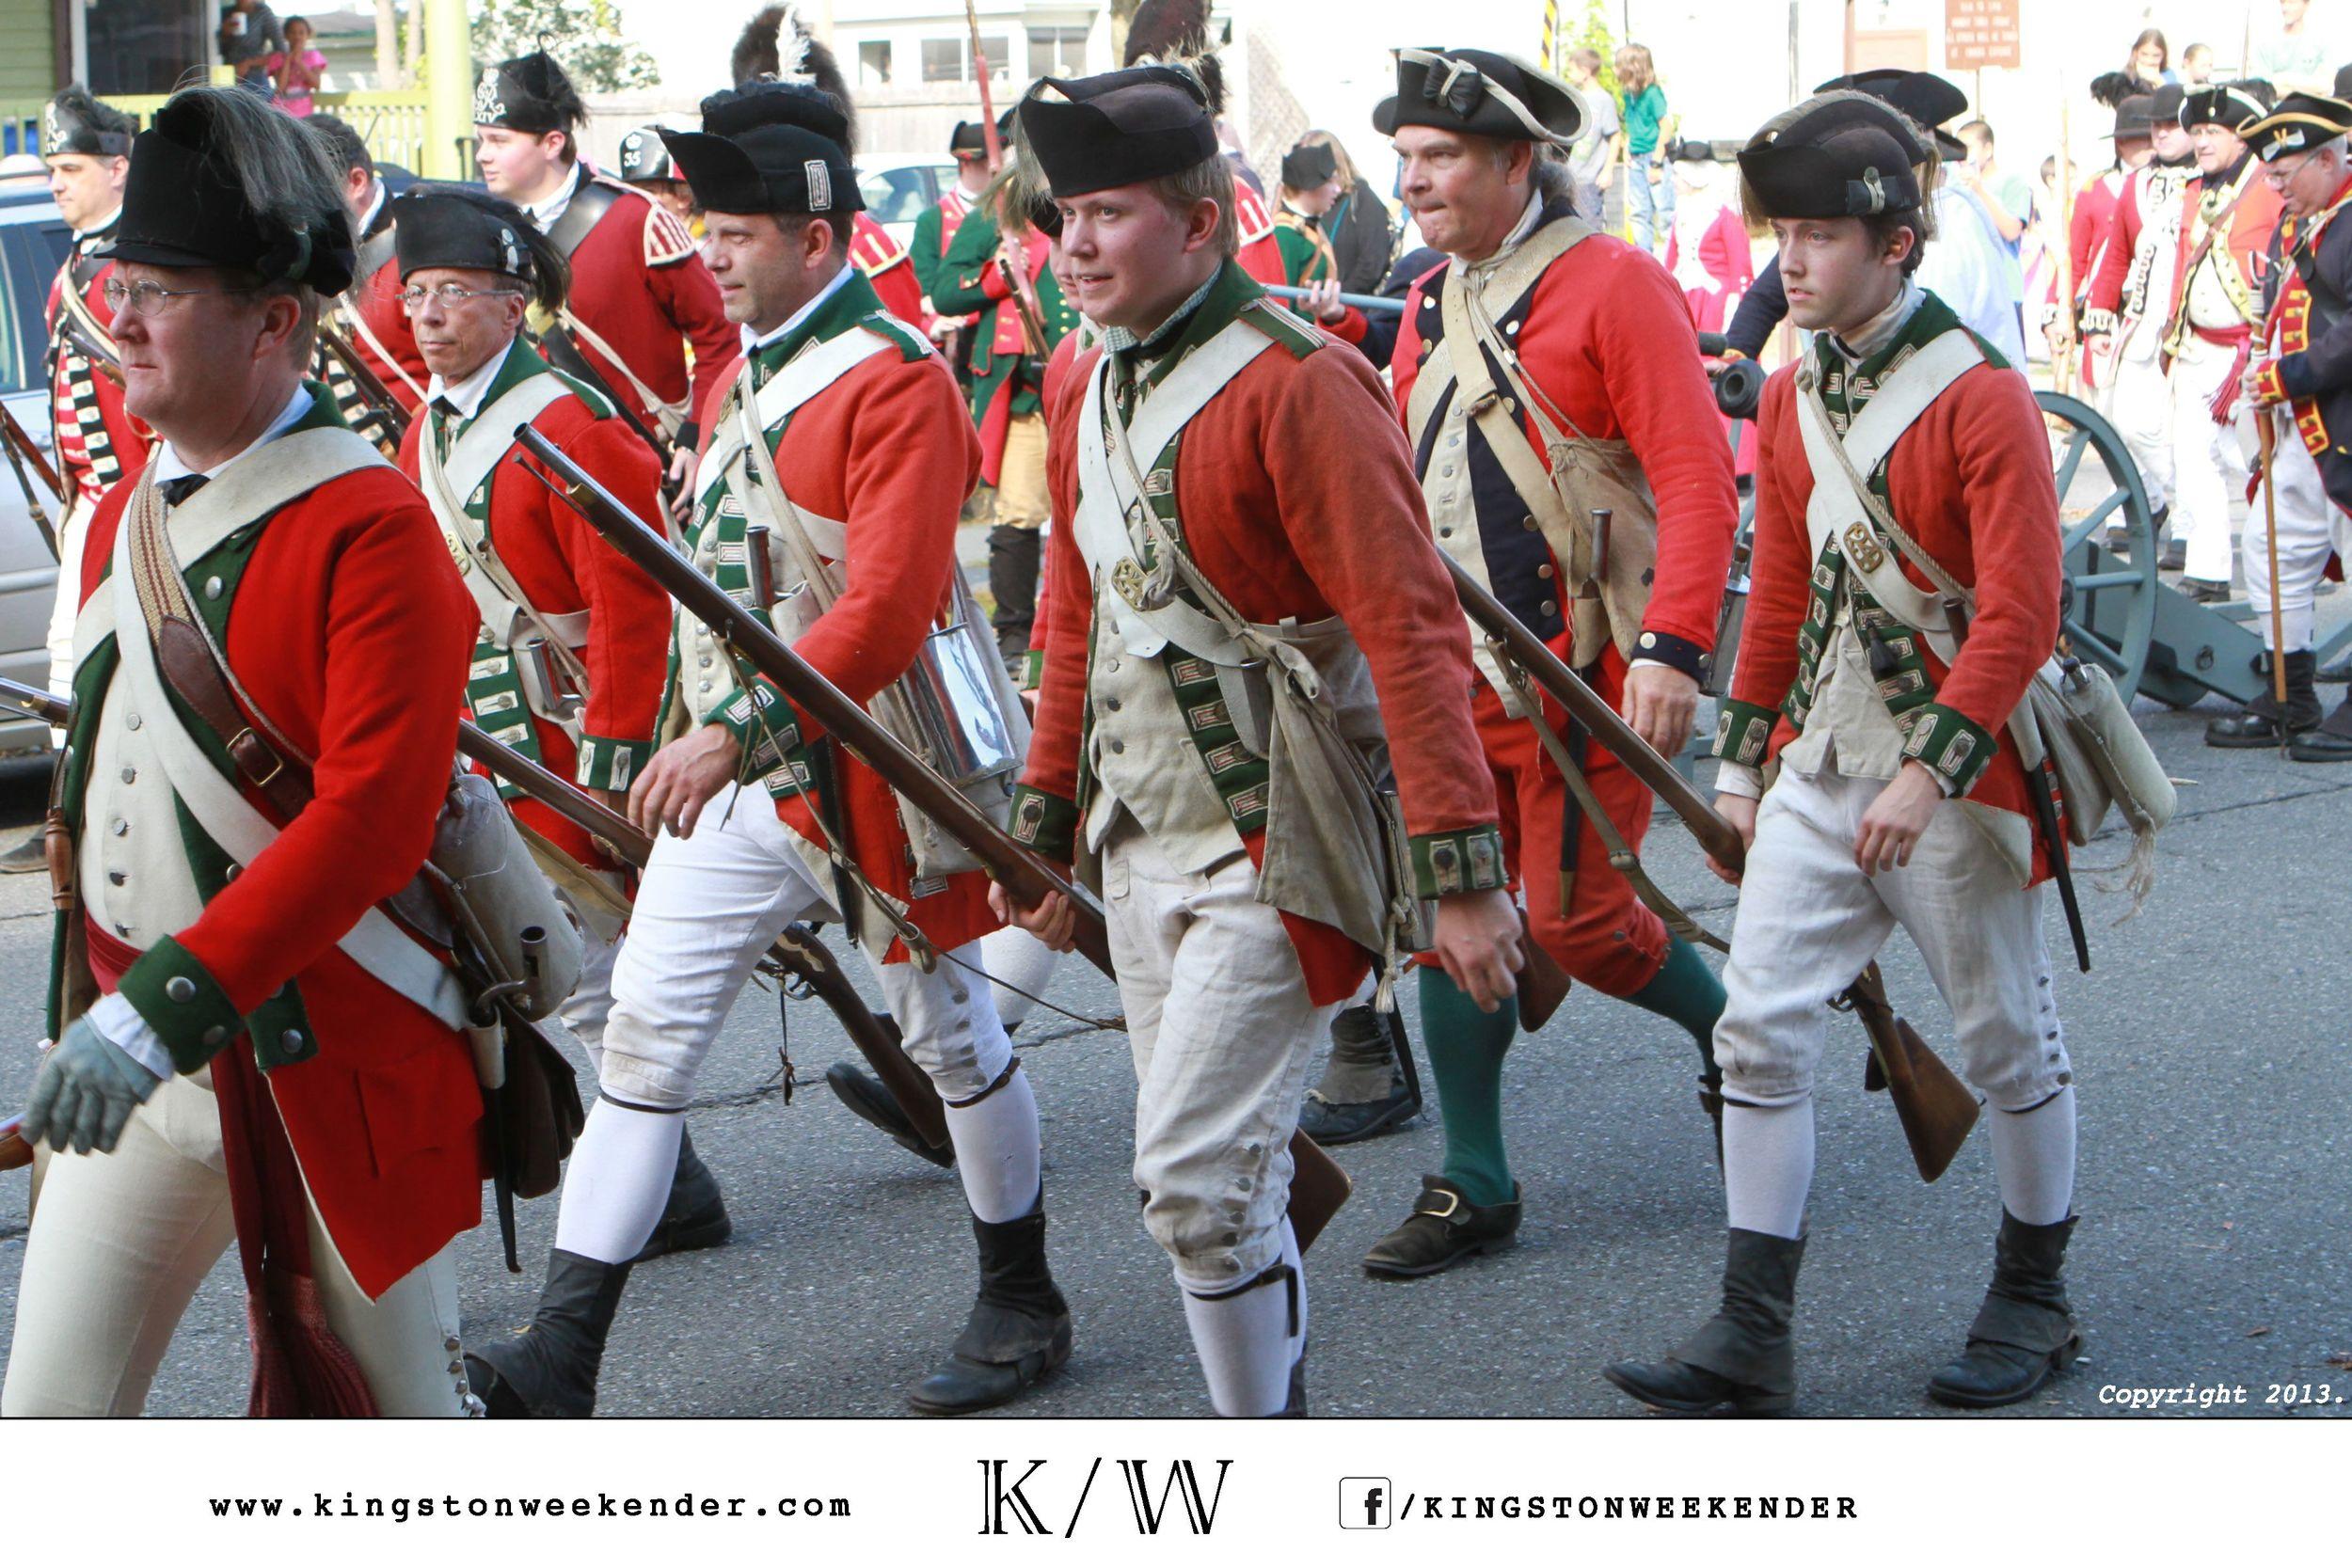 kingston-weekender-photo-credits7.jpg